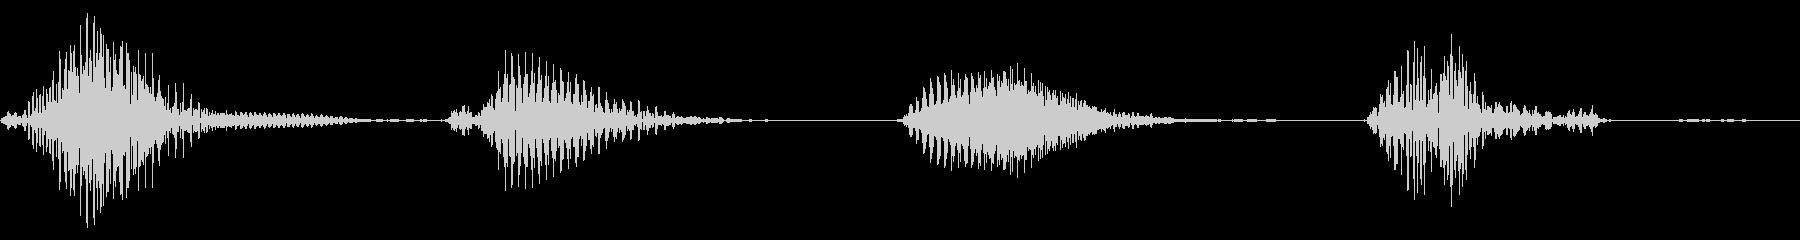 1,2,3,4の未再生の波形